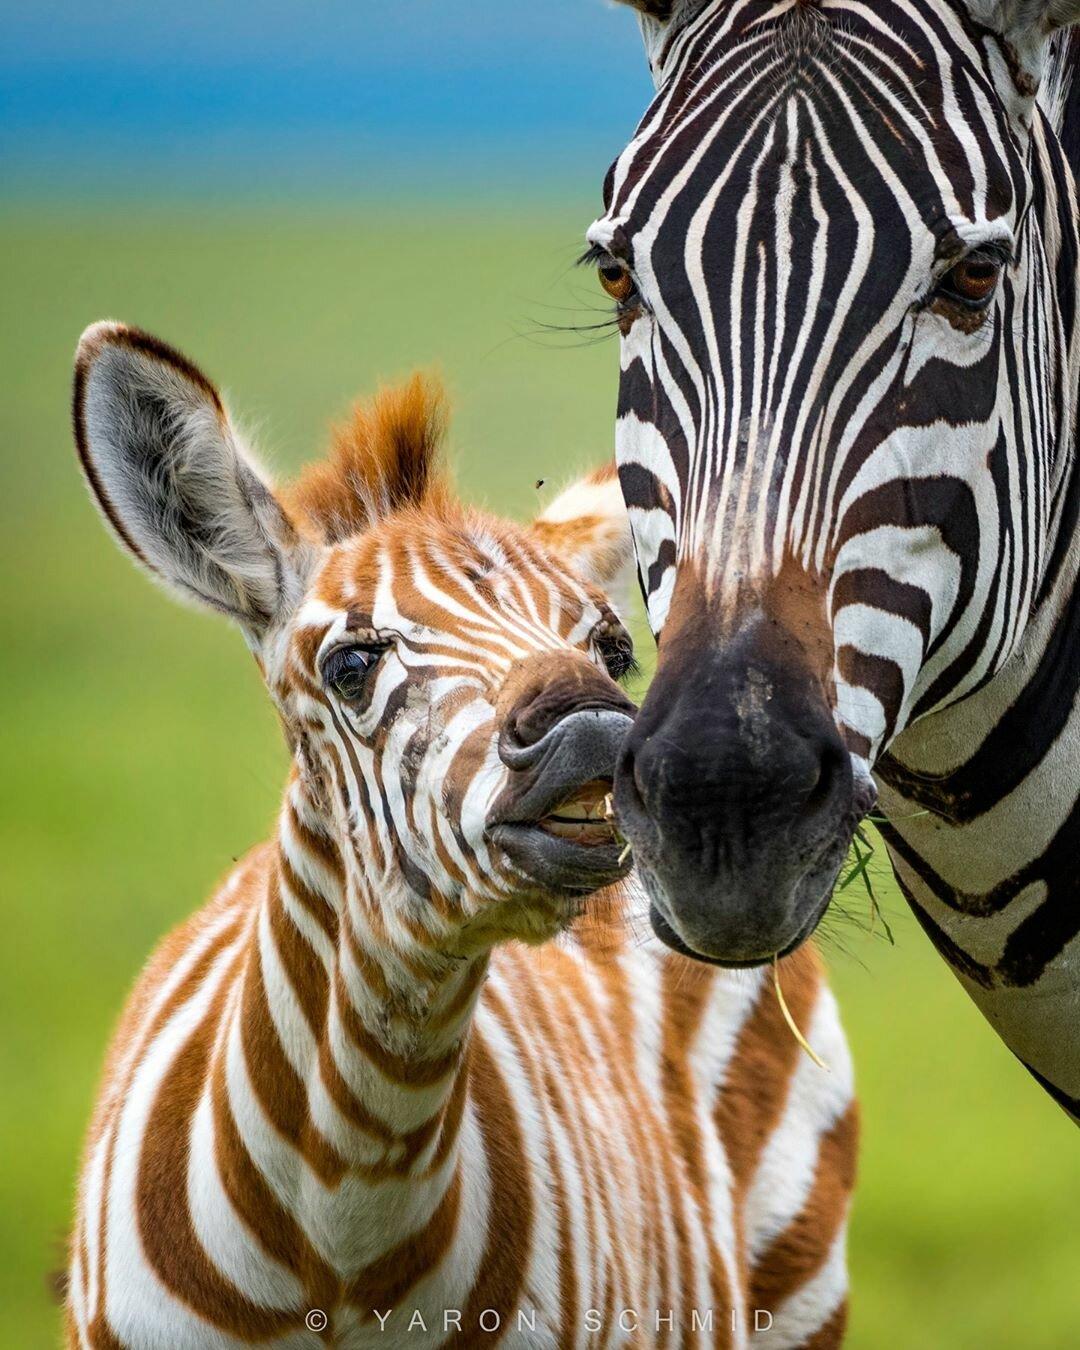 Картинка зебра с детенышем, открытка